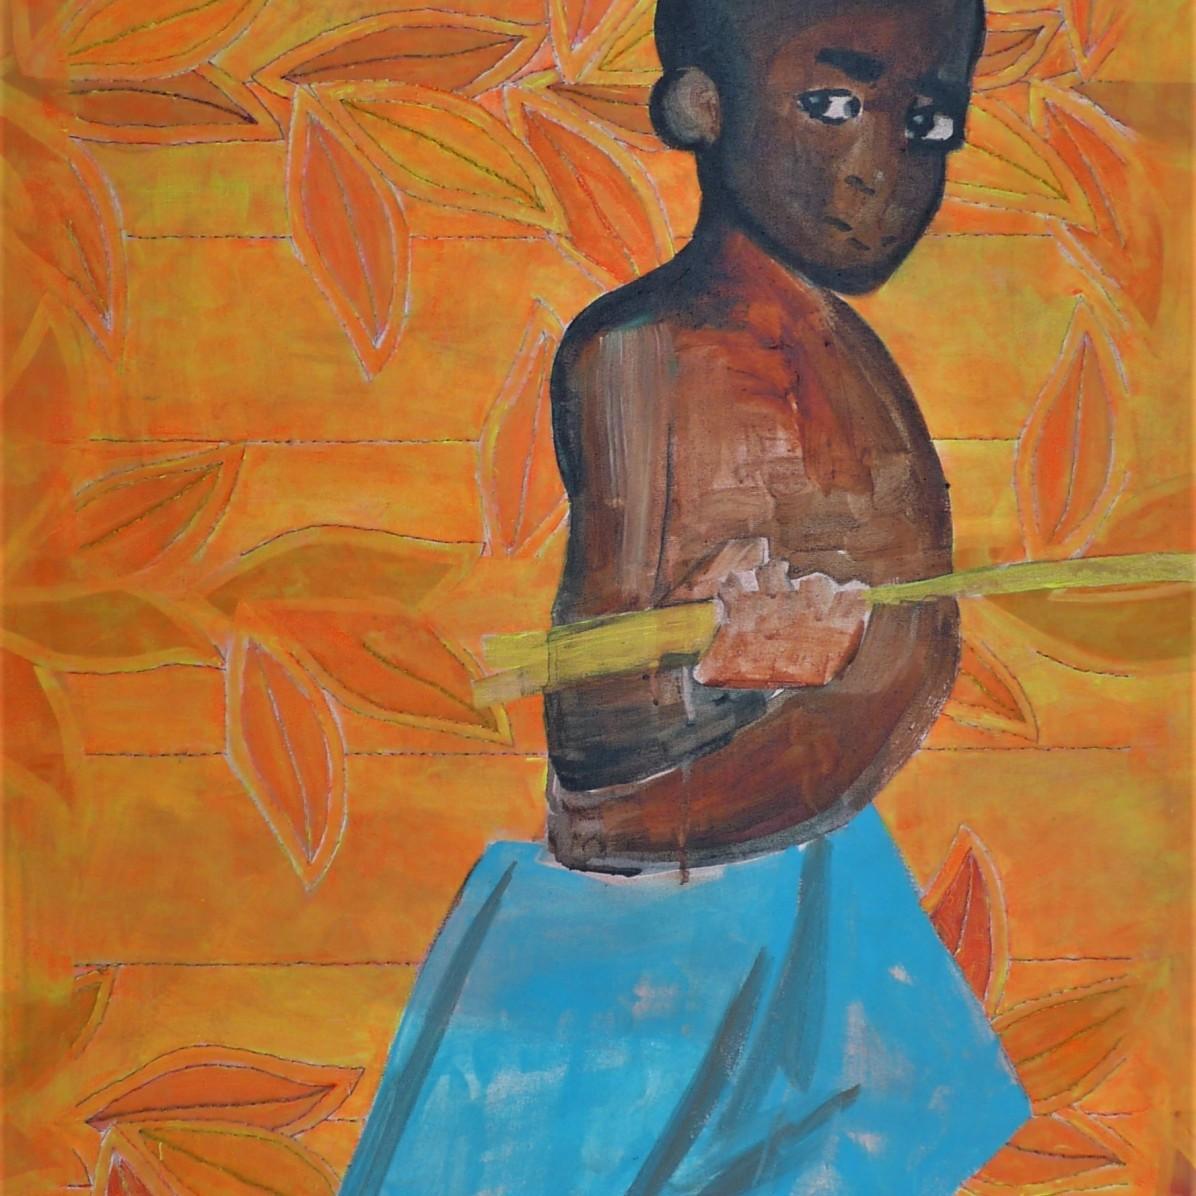 #2 - SOLD - 60 x 80 cm - Acrylverf en borduurgaren op canvas